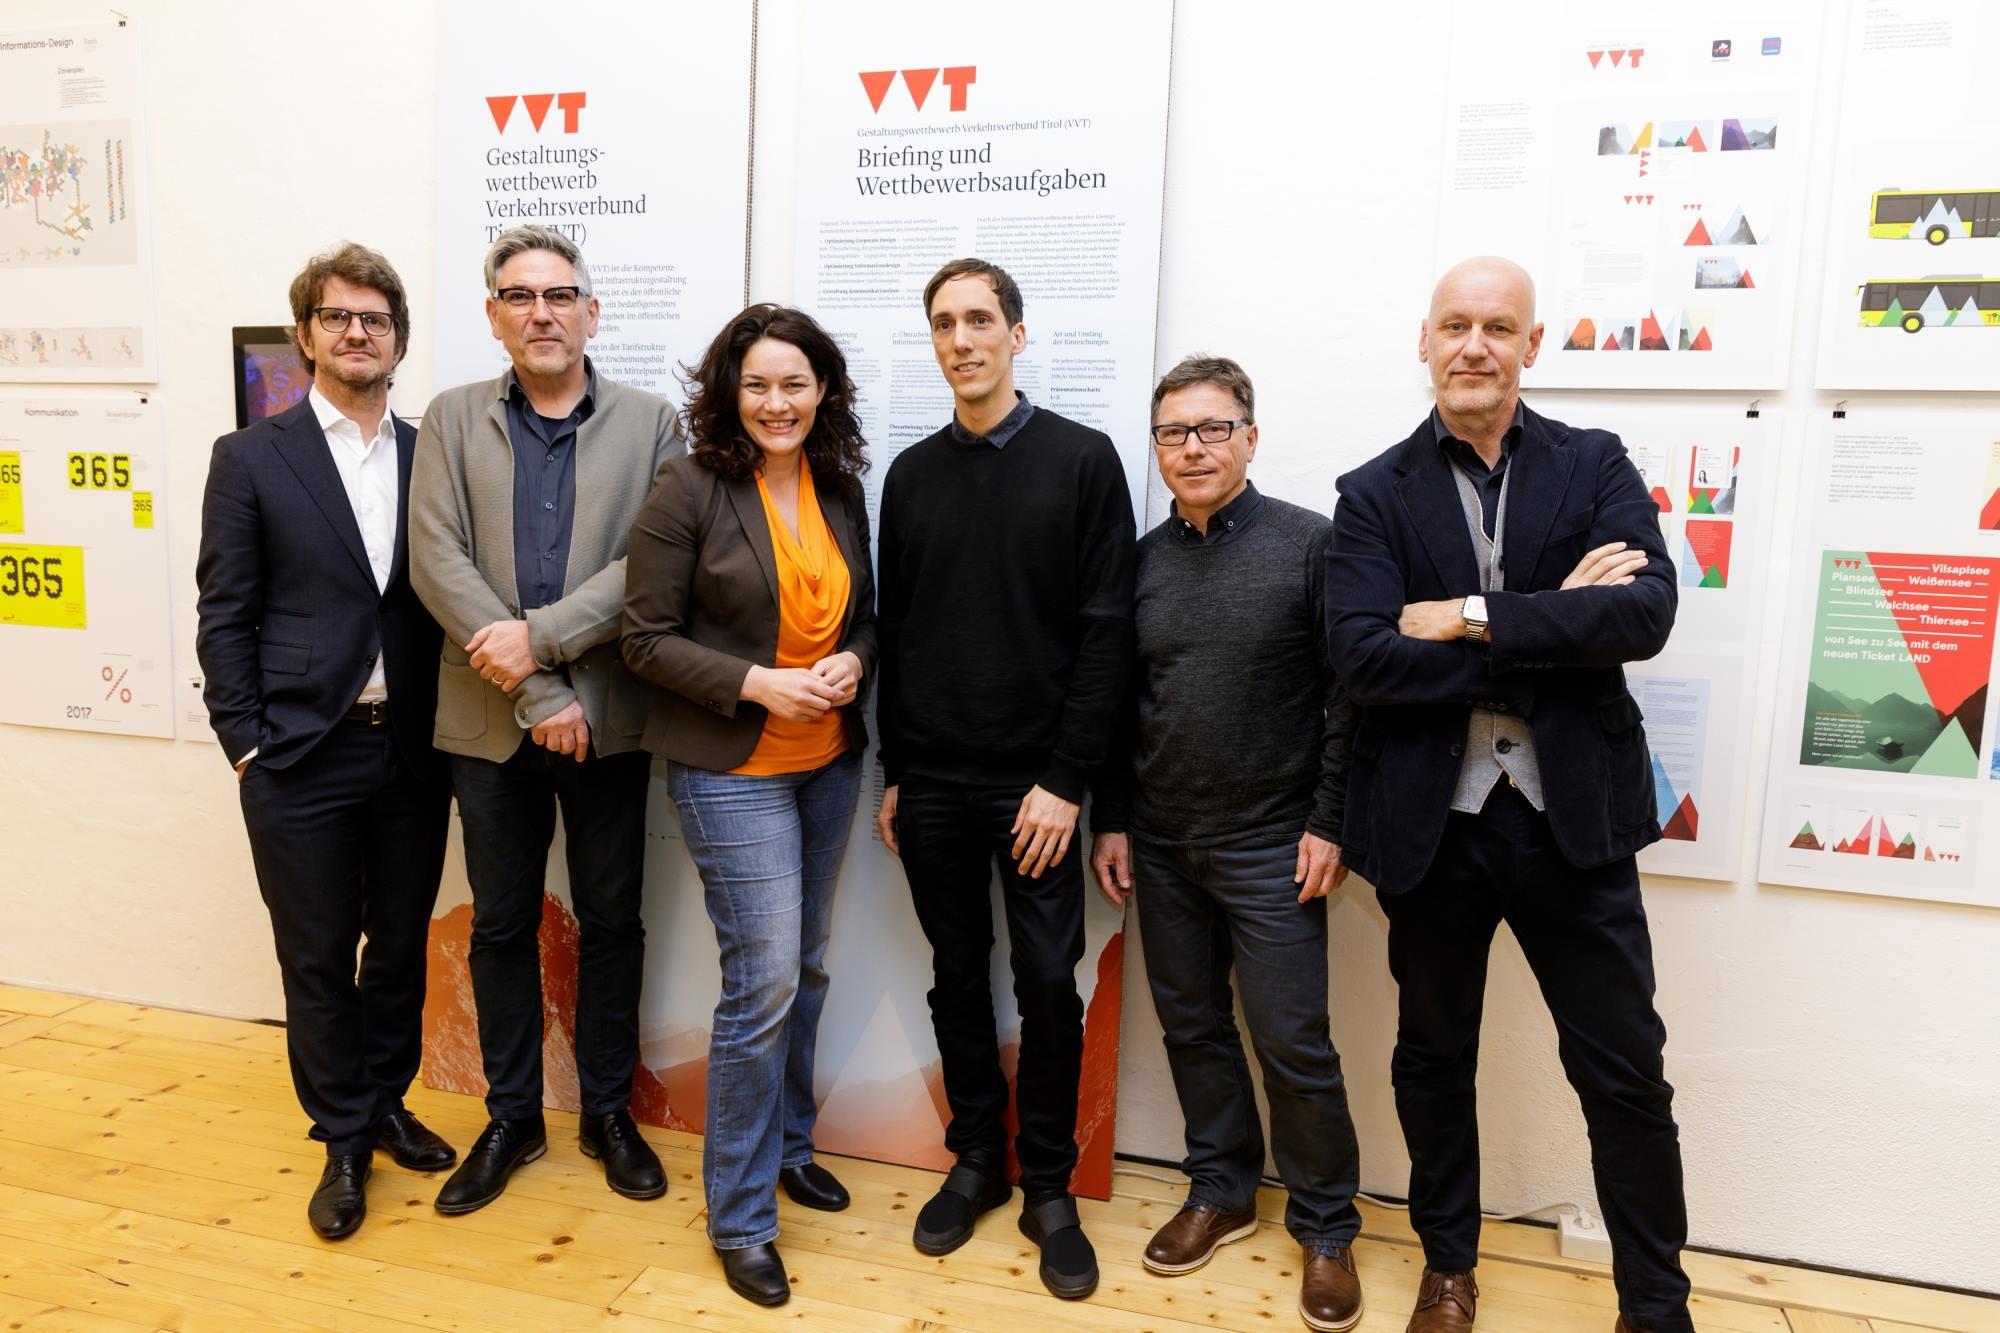 Präsentation Wettbewerbsergebnisse VVT (Foto Thomas Steinrechner)